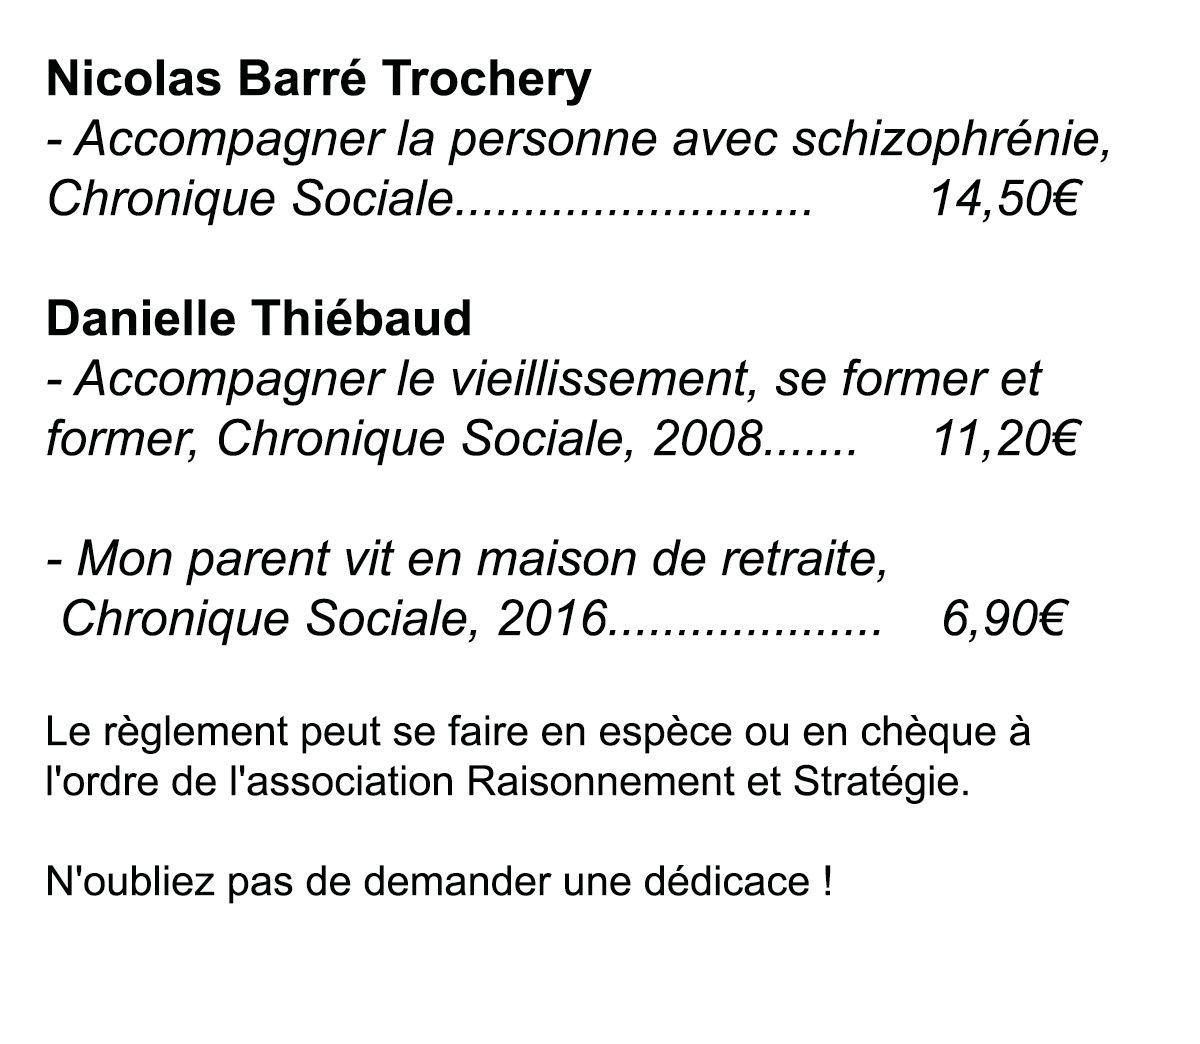 Nicolas Barré : conférence sur la schizophrénie